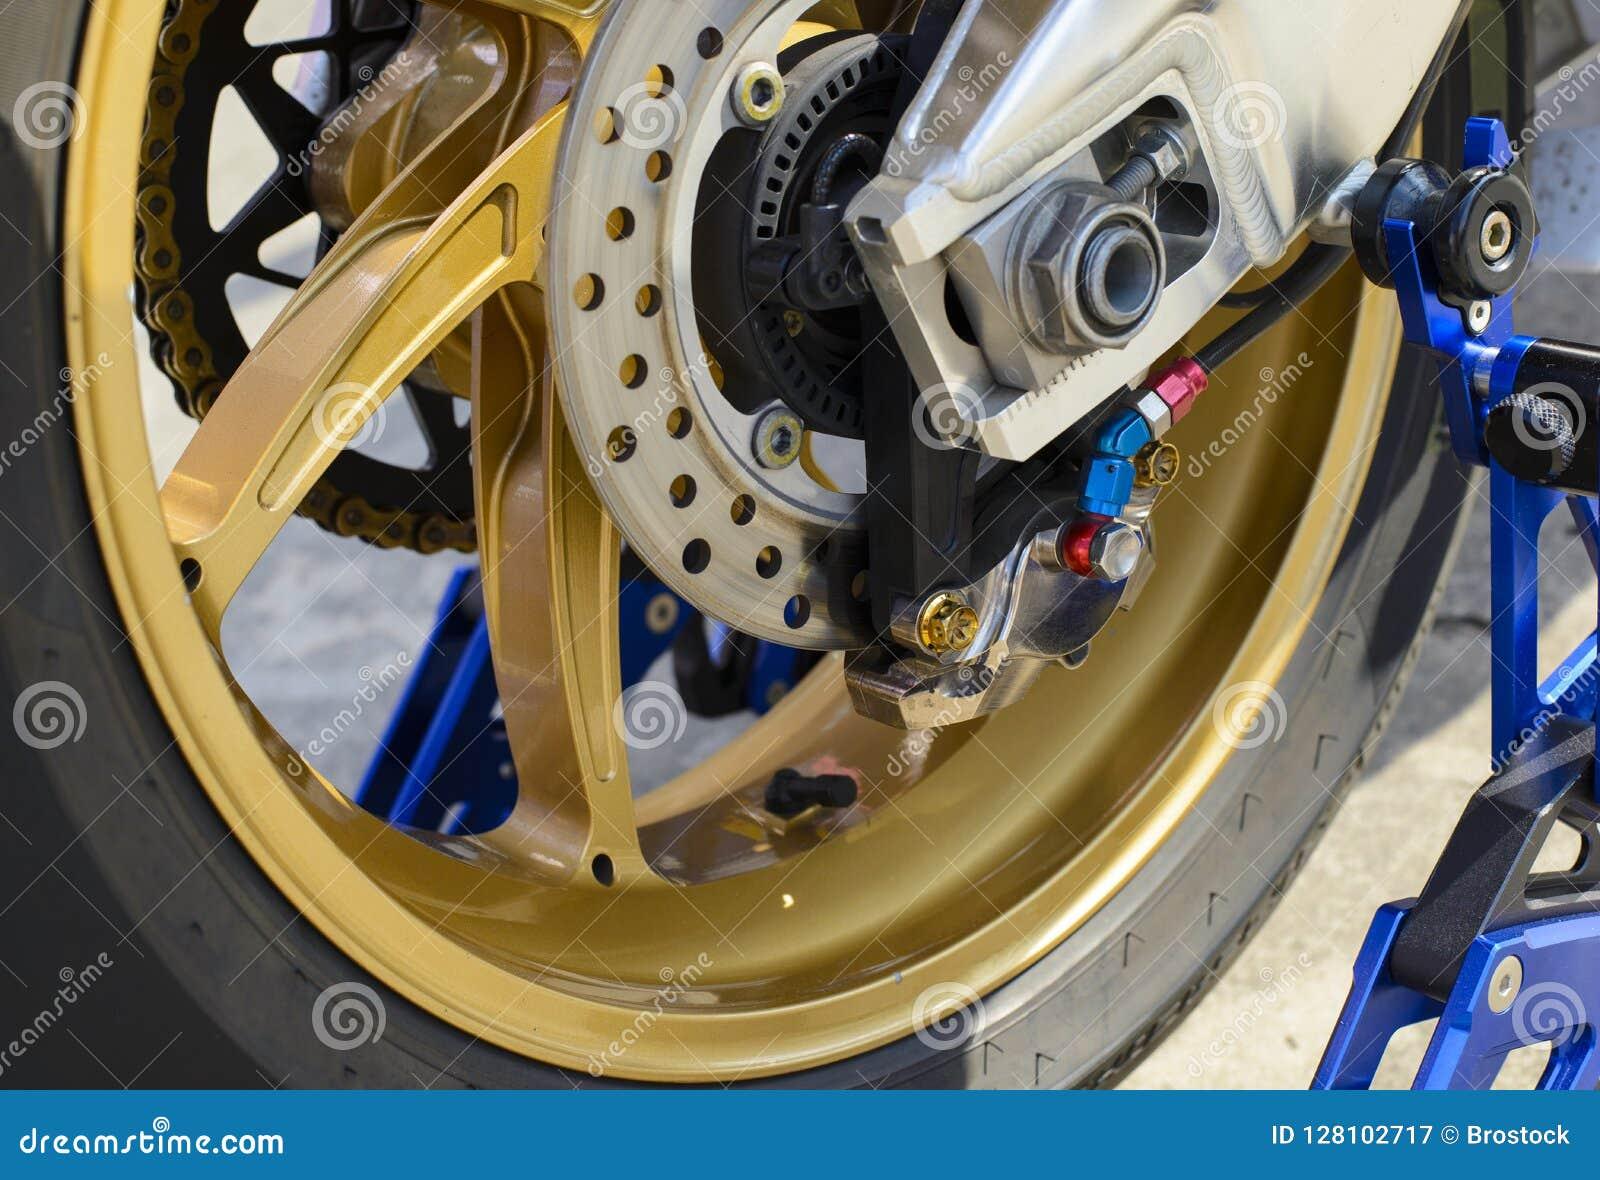 Closeupdetalj av en diskett för hjul och för broms för loppmotorcykel bakre